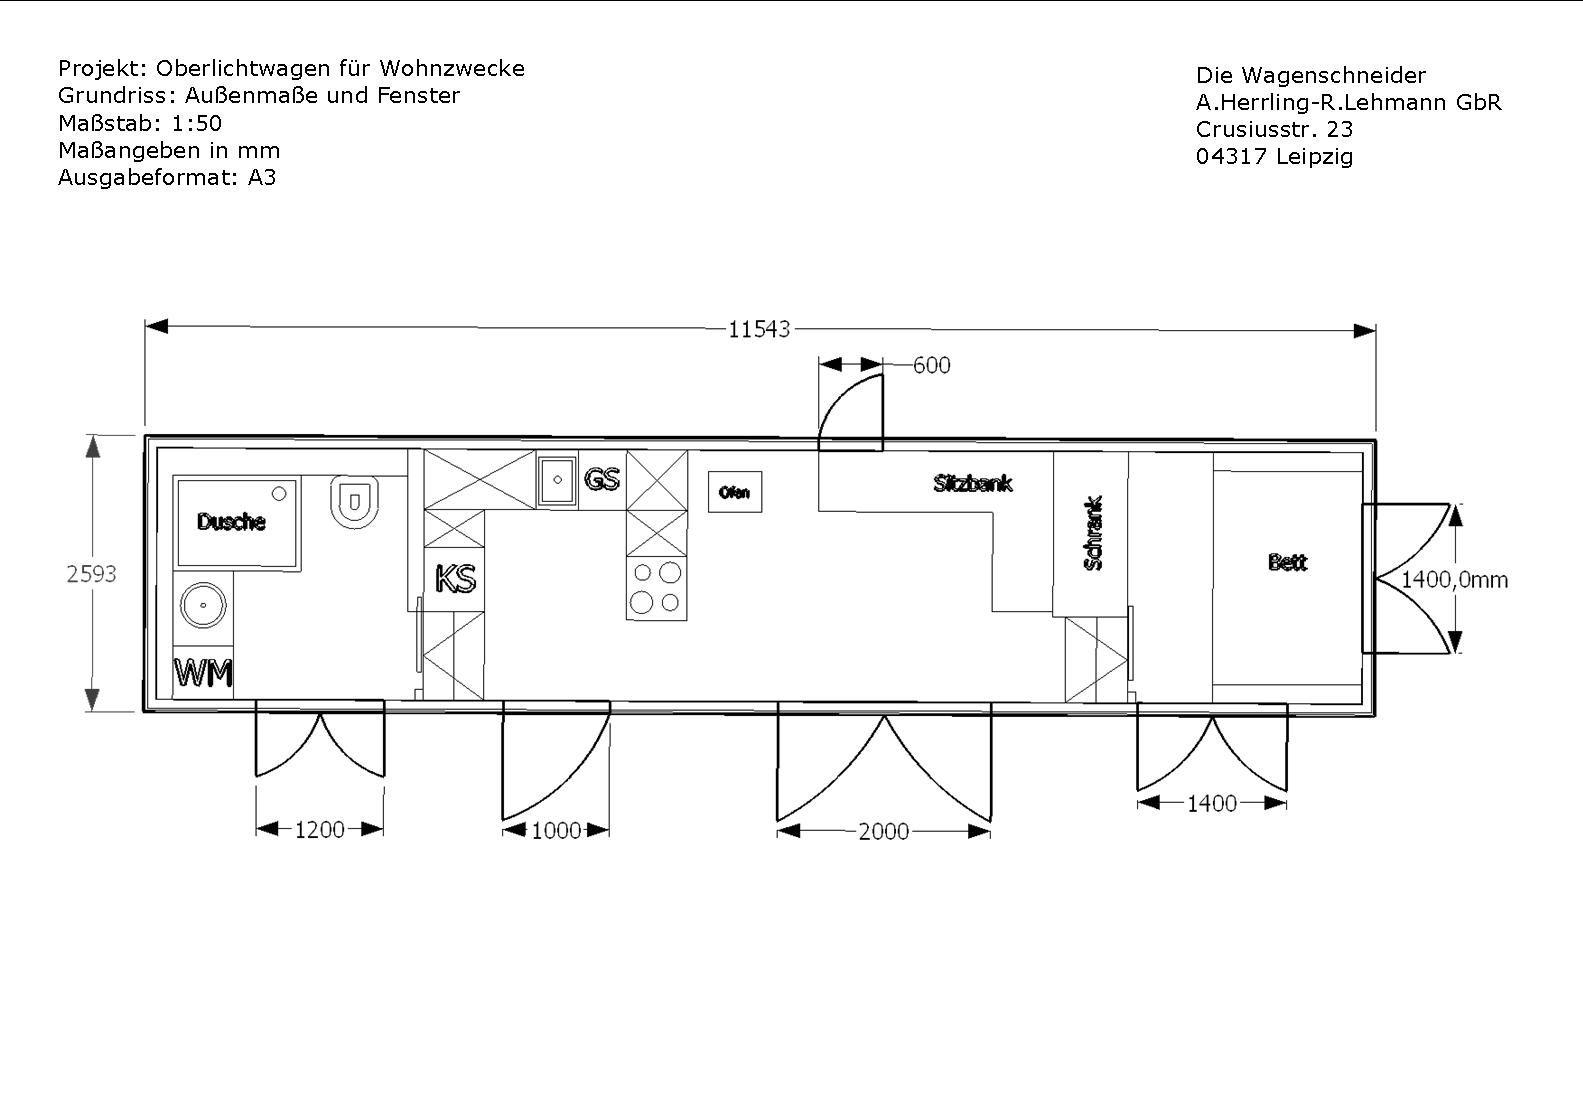 zwei Zimmer, Küche, Bad (mit Bildern) Grundriss